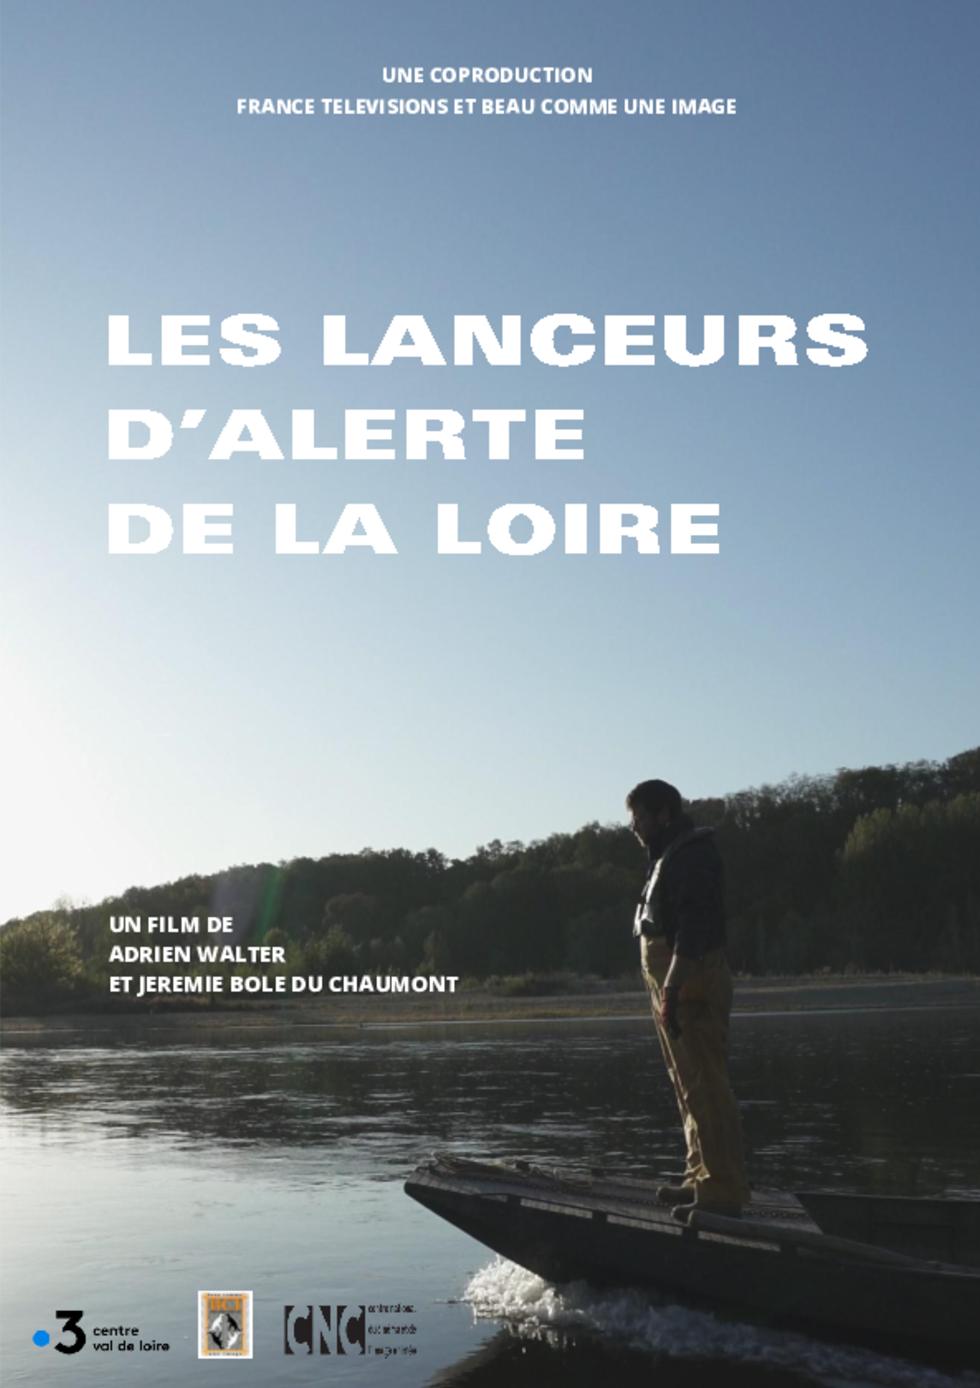 LANCEURS D'ALERTE SUR LA LOIRE